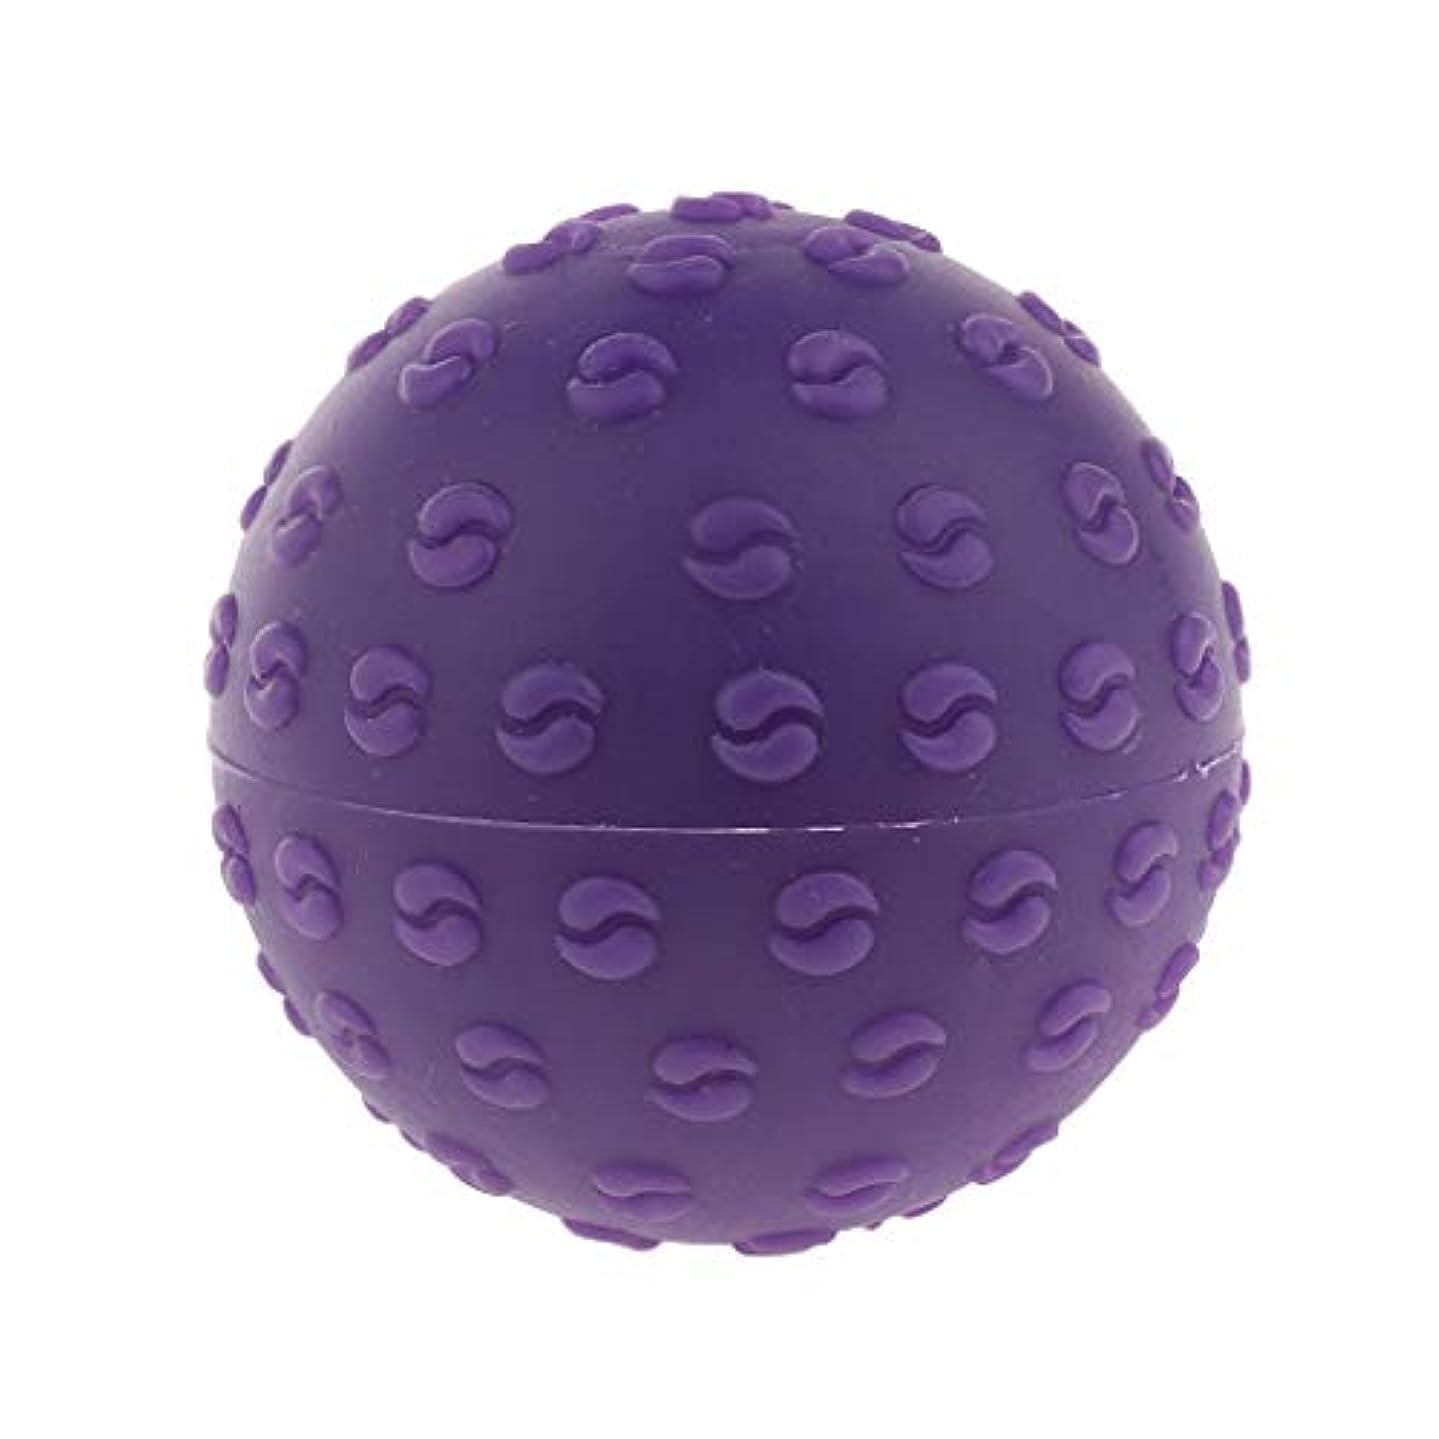 無関心悲しいことにかわすD DOLITY マッサージボール 指圧ボール シリコーン トリガーポイント 足底筋膜炎 ヨガ 快適 全6色 - 紫, 説明のとおり